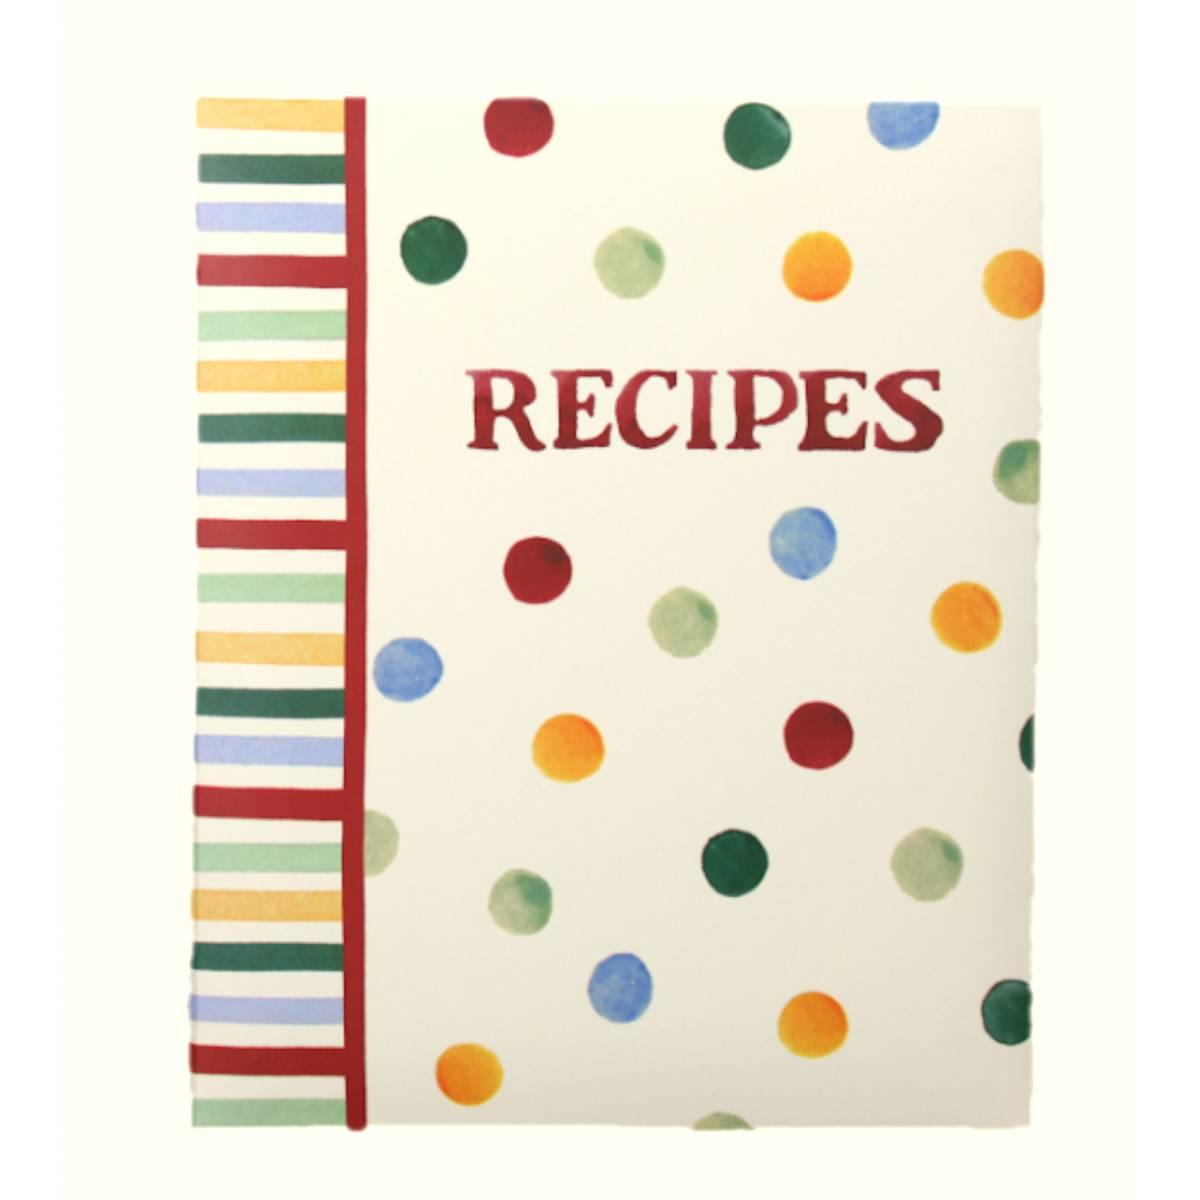 Recipe book cover clipart clip free download Cookbook Cover Clipart - Clipart Kid clip free download